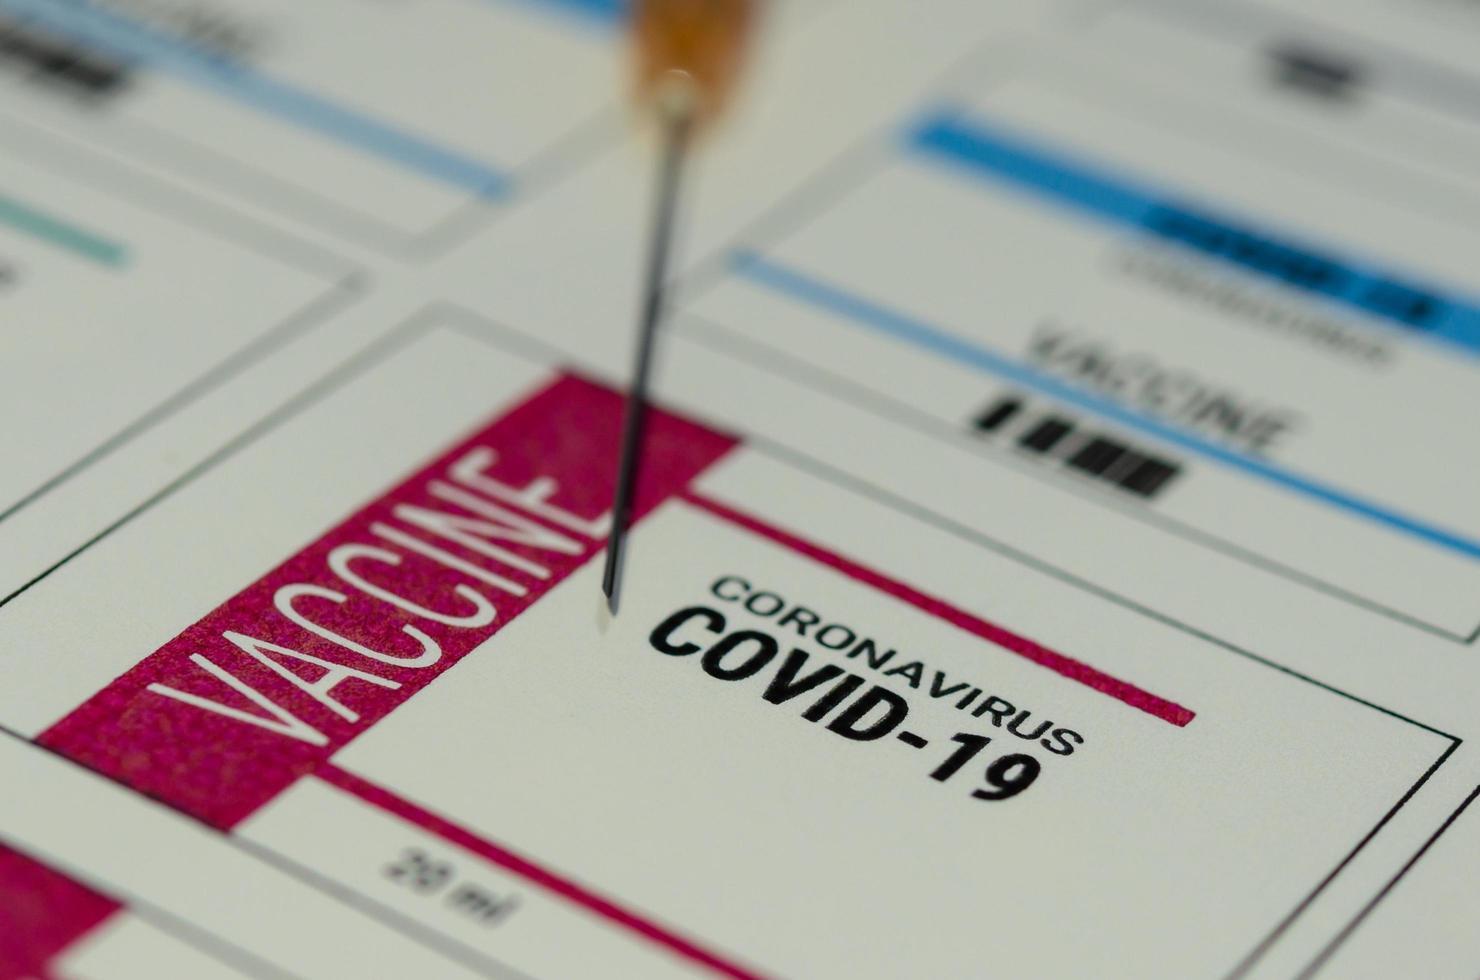 una etiqueta de vacuna contra el coronavirus para el covid-19 foto